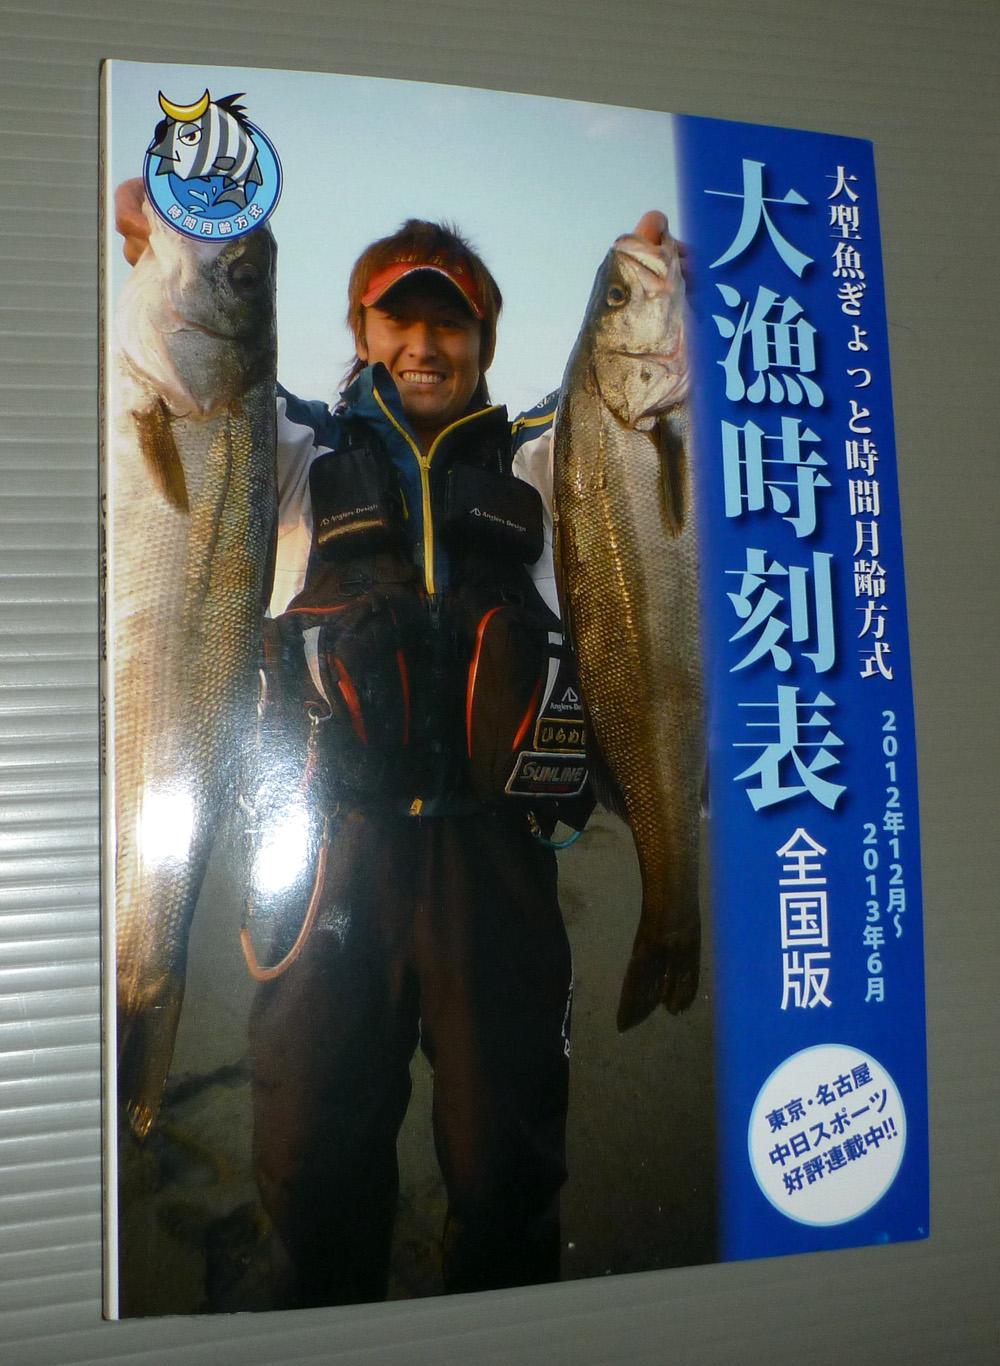 2012年最後の釣り用品買い物? 2012年12月30日(日)_d0171823_1534278.jpg